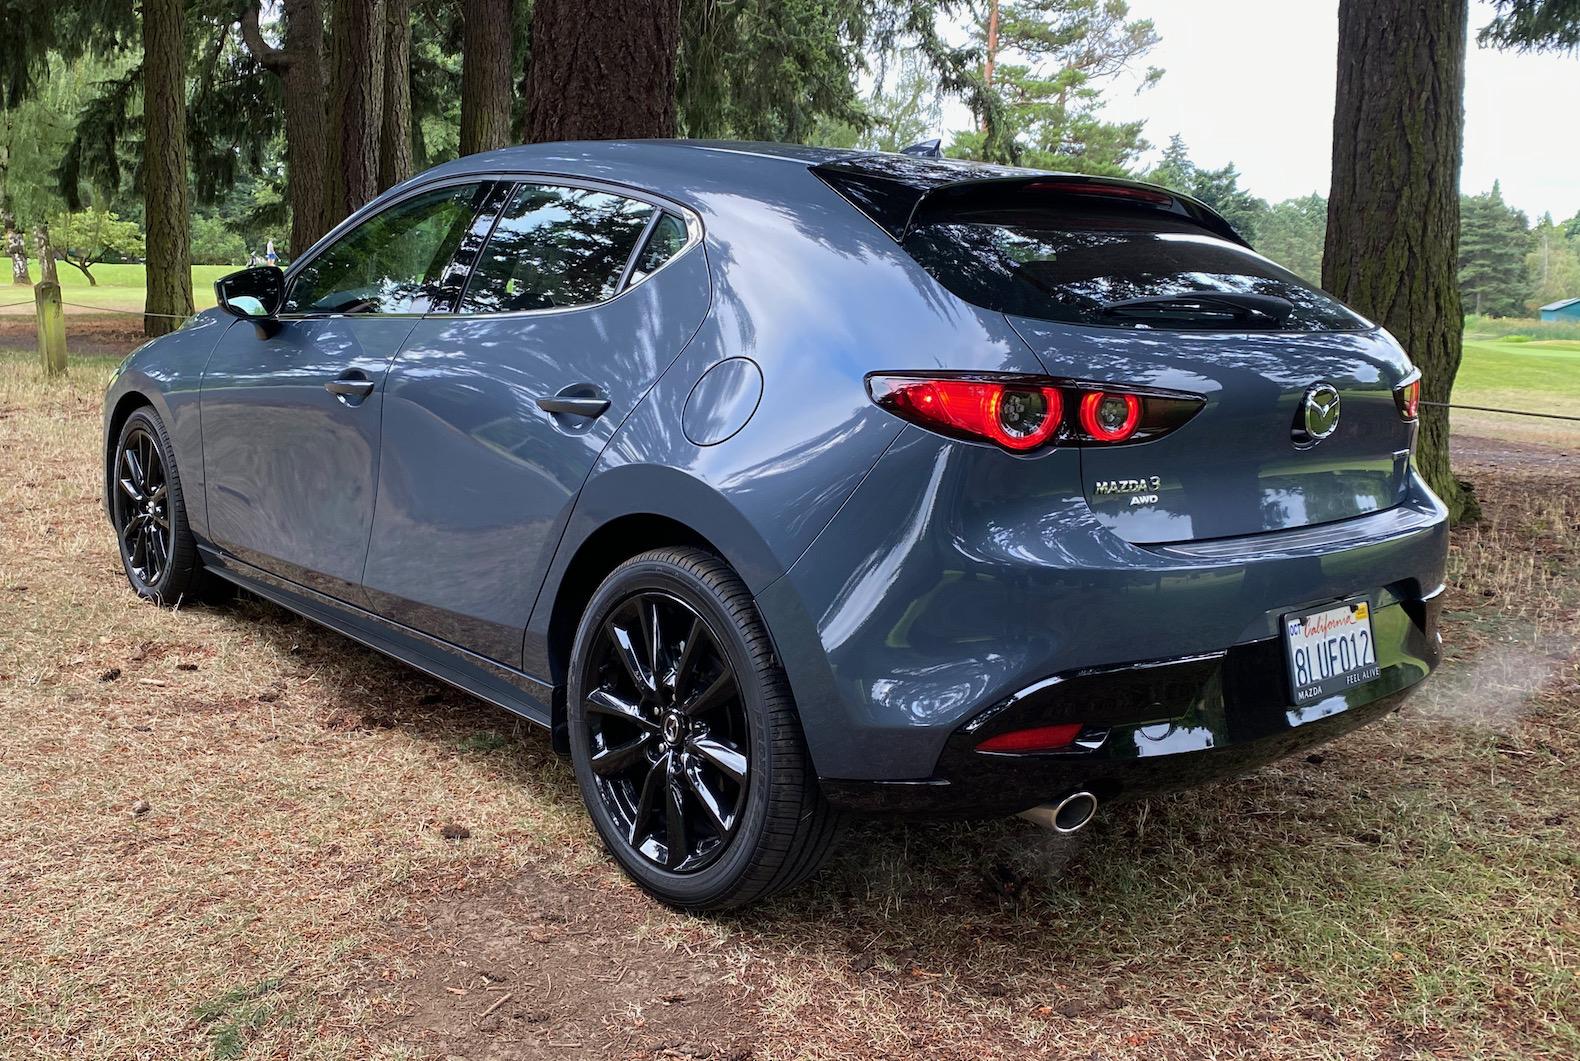 2020 Mazda 3 Hatchback Review